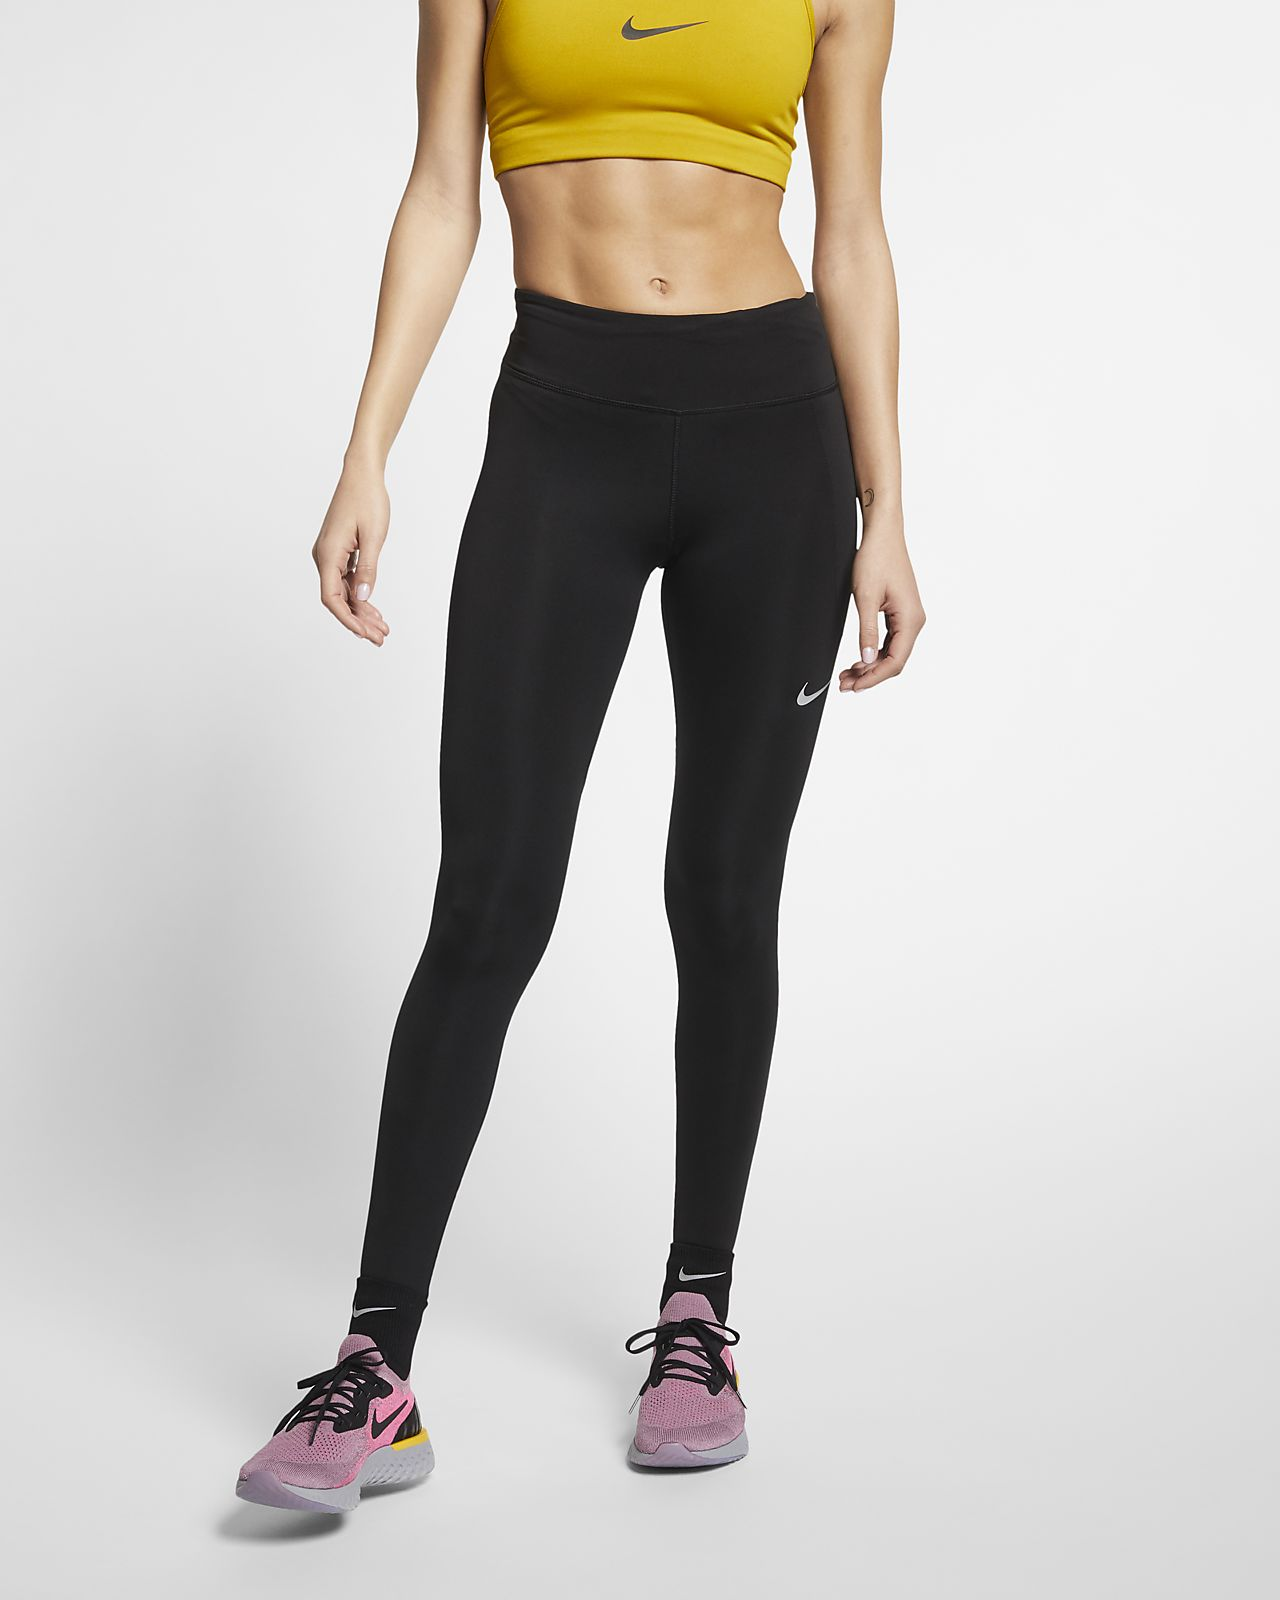 กางเกงวิ่งรัดรูปผู้หญิง Nike